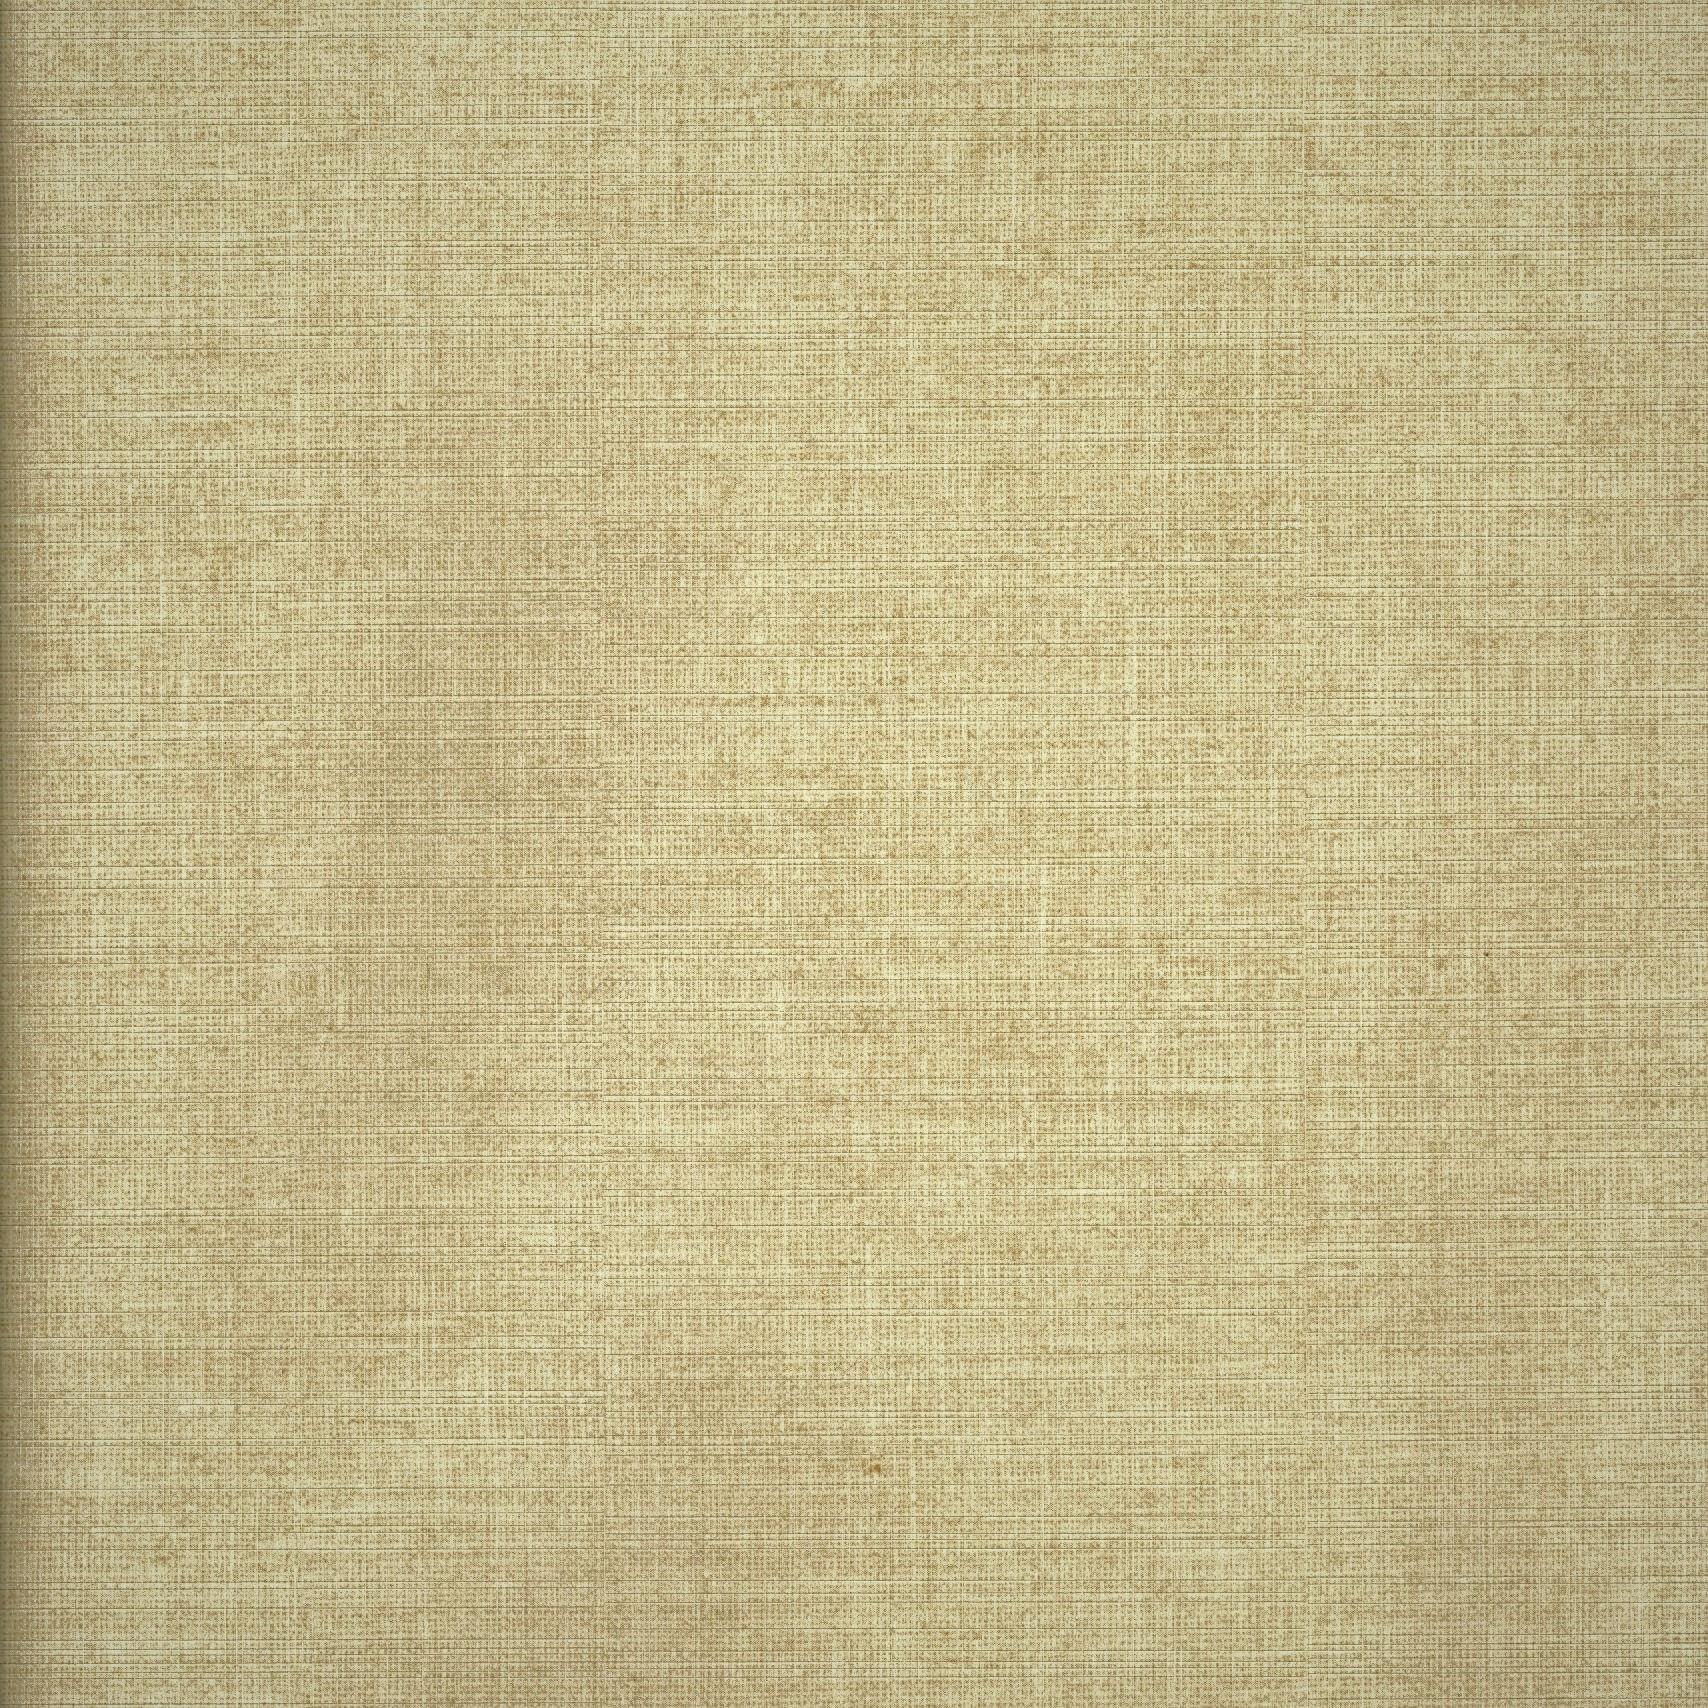 Papel de Parede Pure 2 Aspecto Têxtil Tramado 187603 - Rolo: 10m x 0,53m